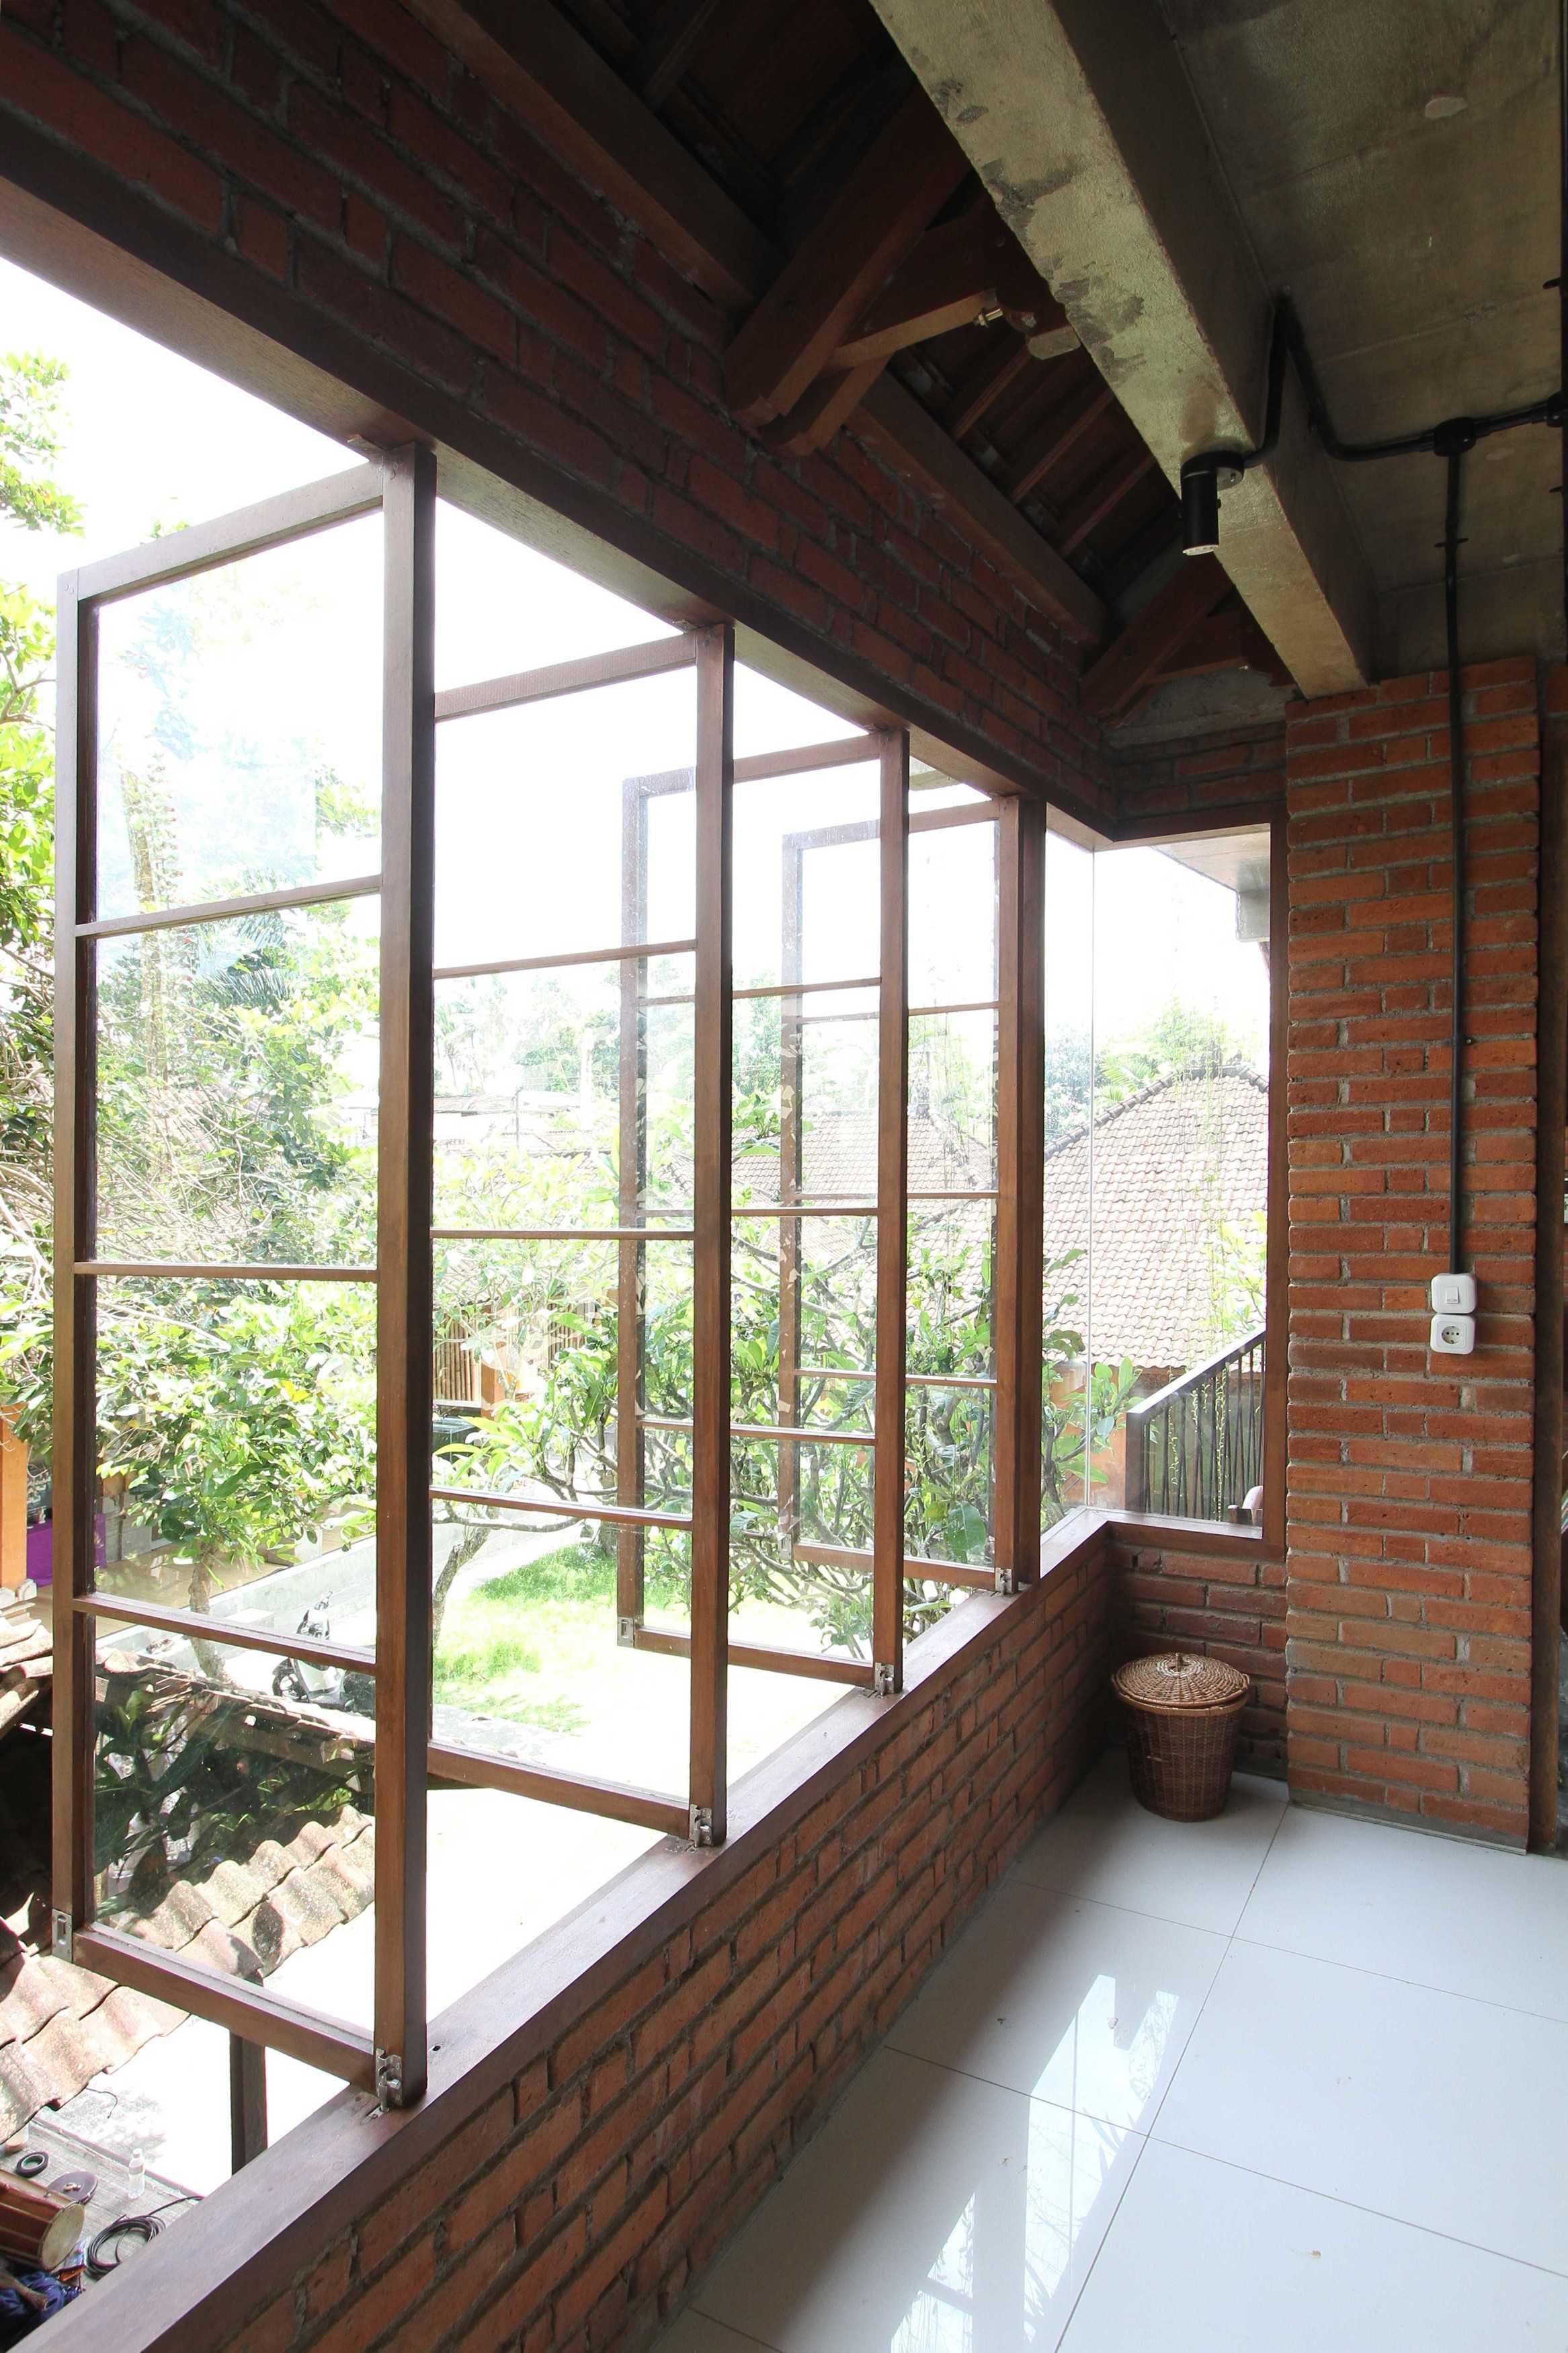 Ddap Architect Vertical Courtyard House Jl. Hanoman, Ubud, Kabupaten Gianyar, Bali 80571, Indonesia Jl. Hanoman, Ubud, Kabupaten Gianyar, Bali 80571, Indonesia Windows Tradisional  44424